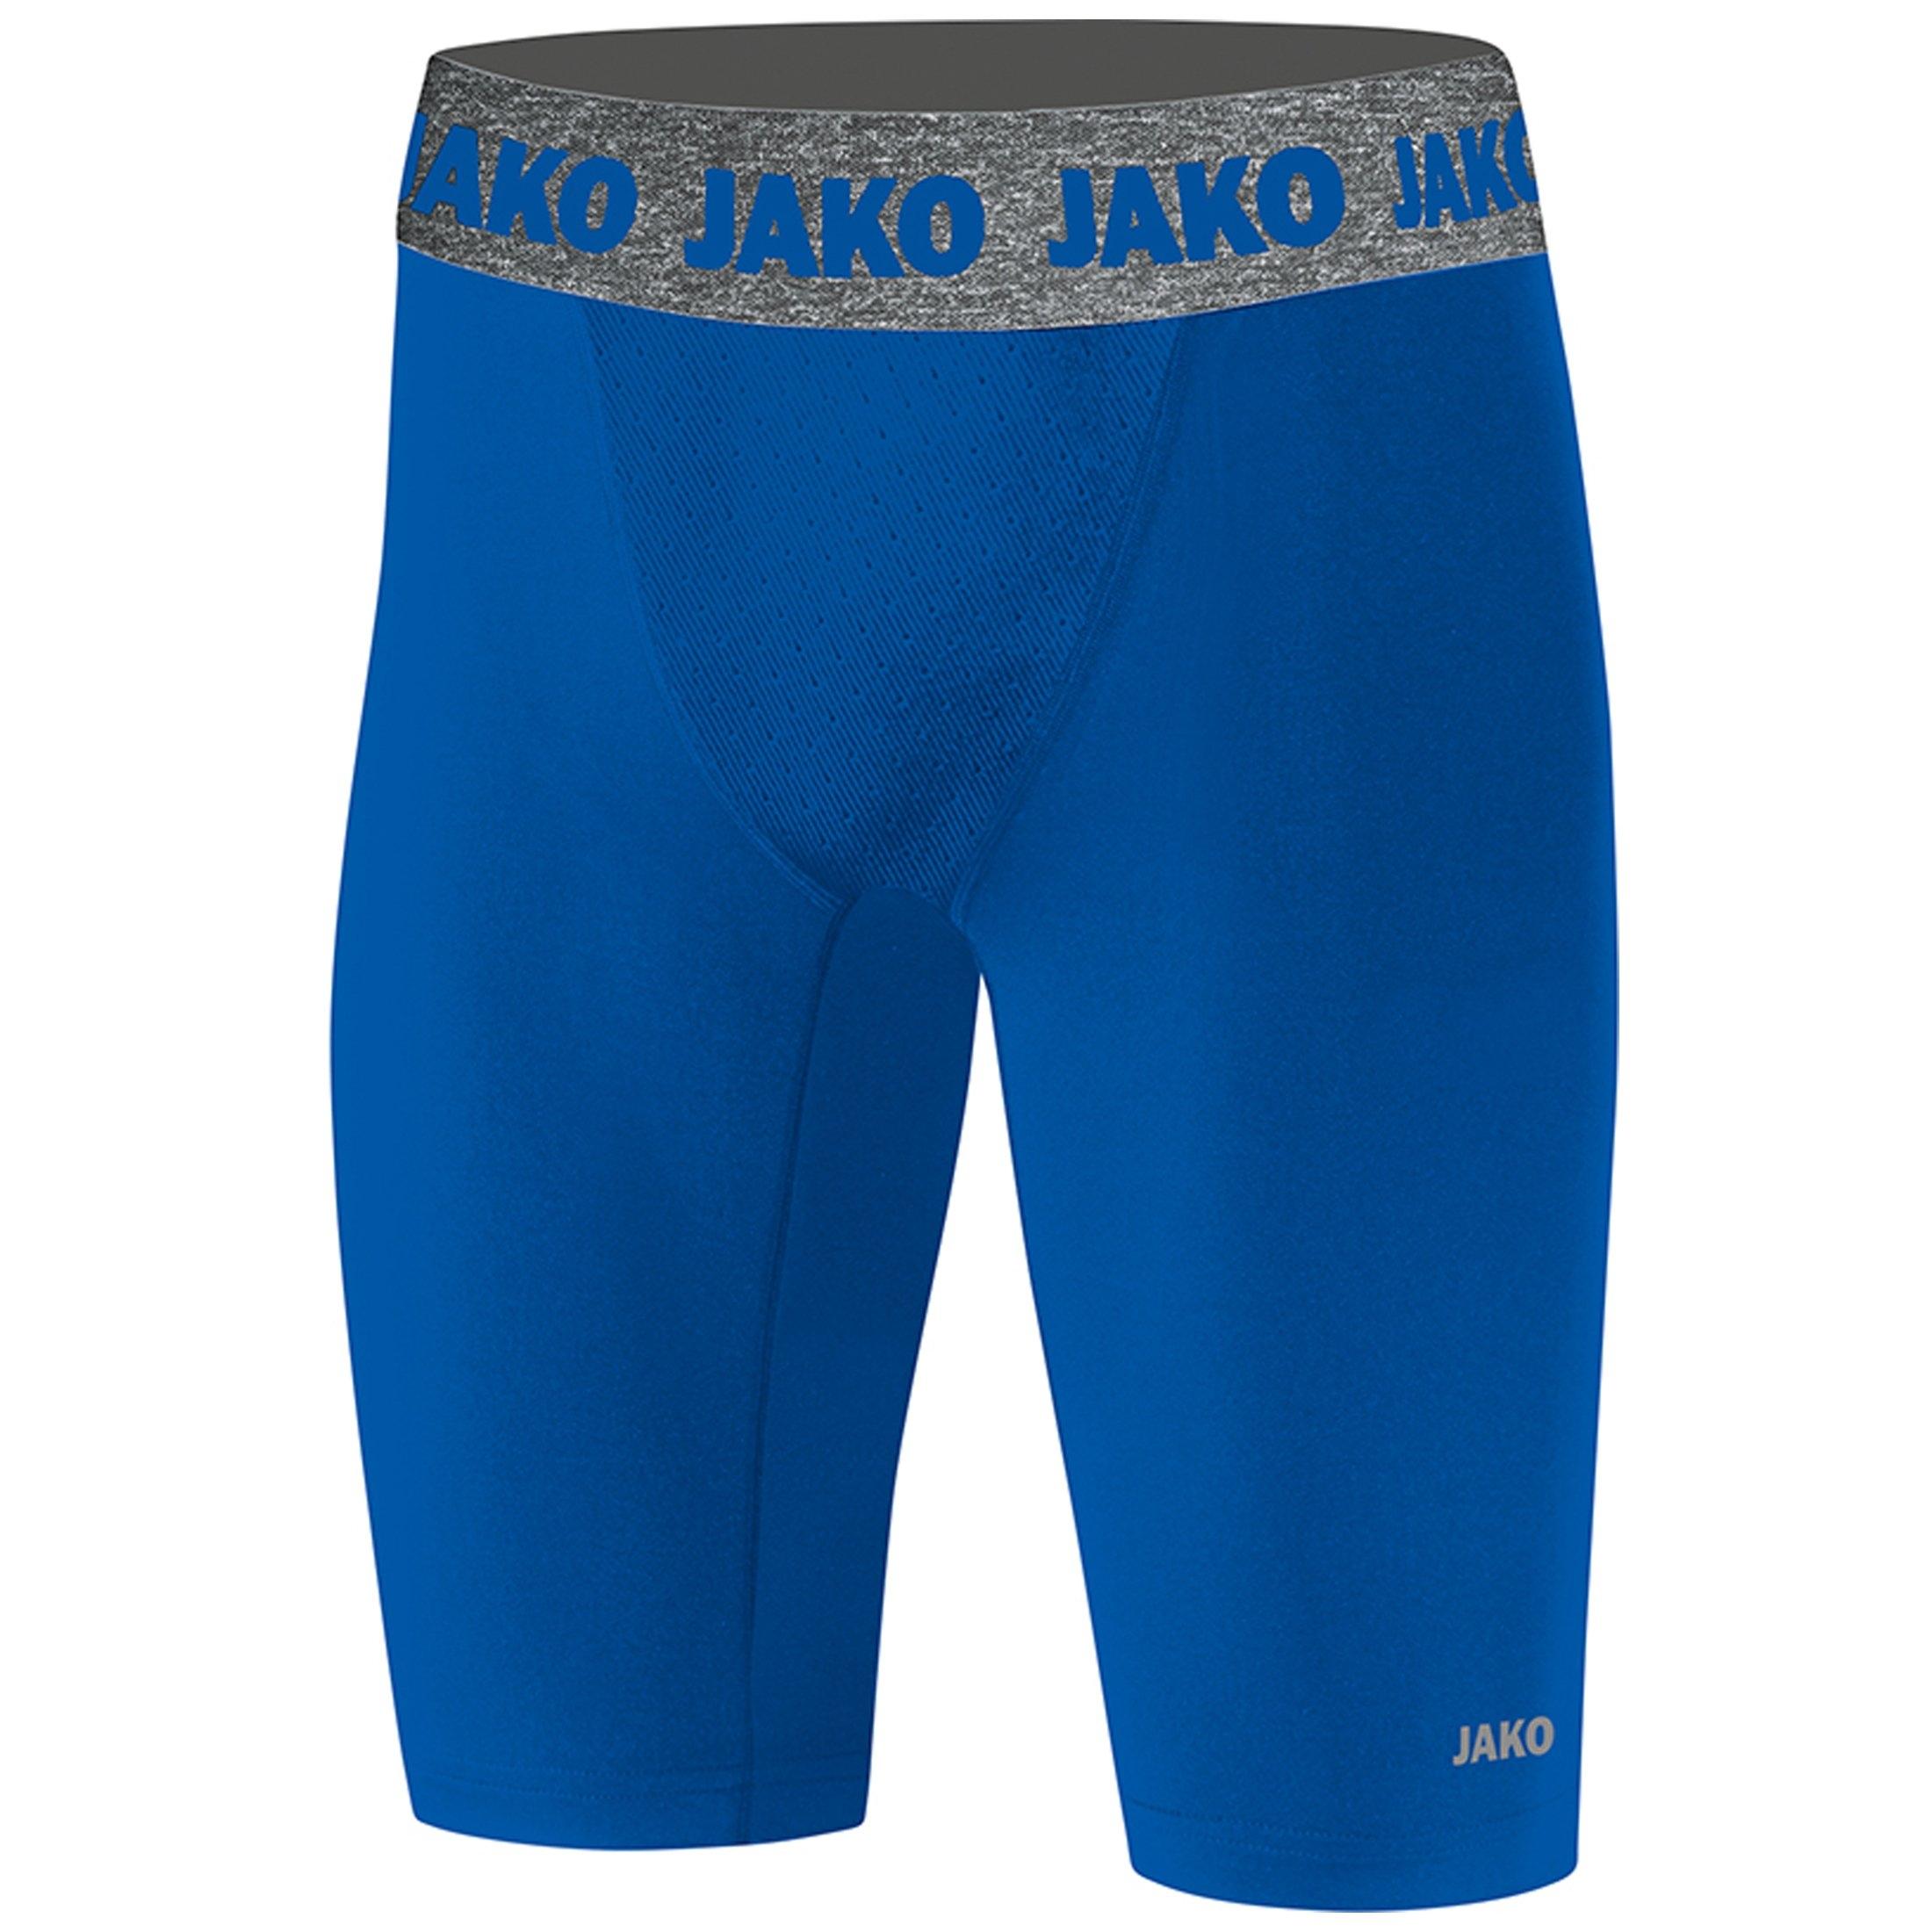 JAKO Short Compression 2.0 tights heren - verschillende betaalmethodes